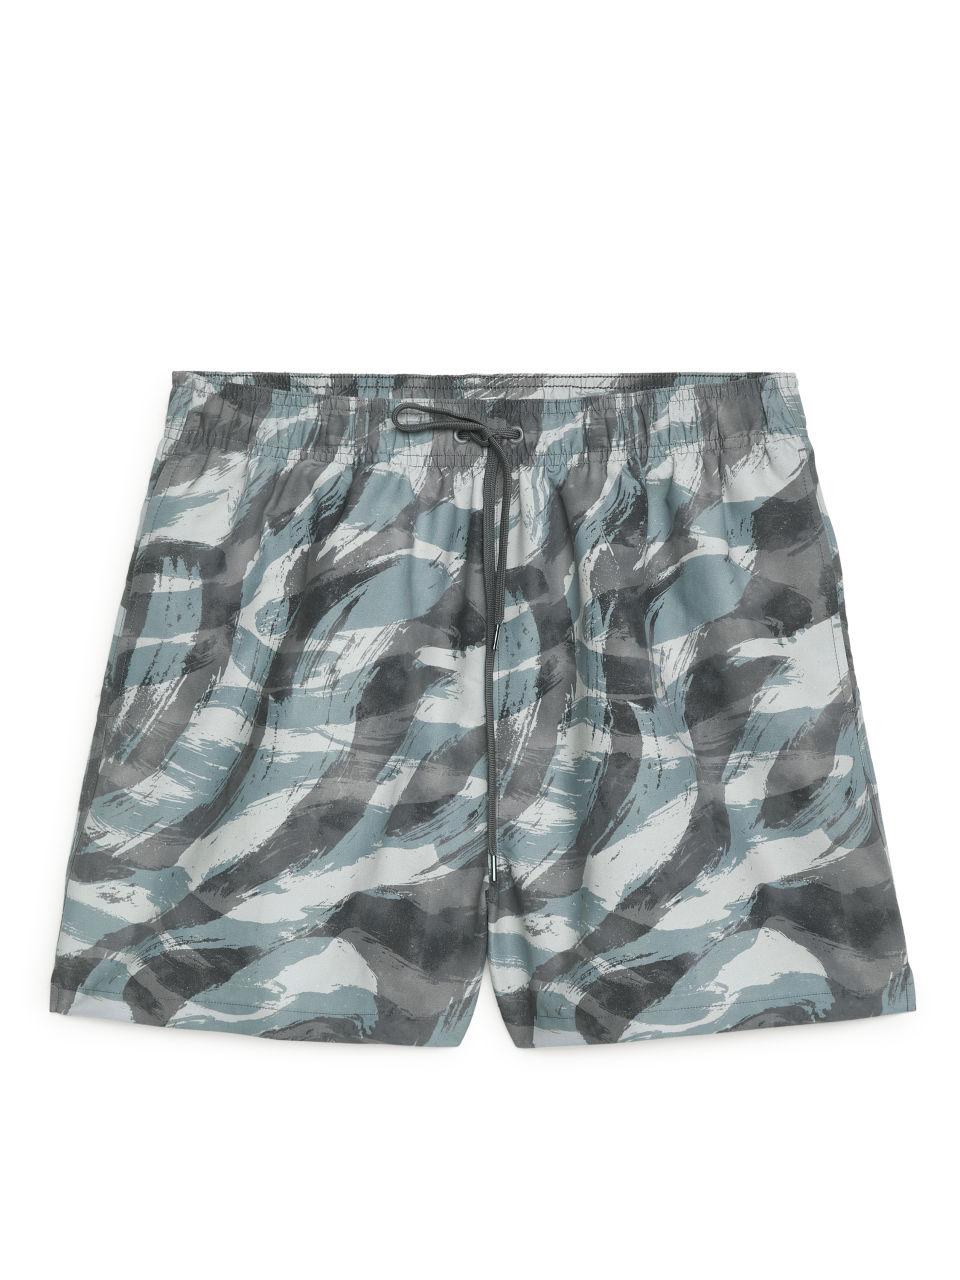 Printed Swim Shorts - Yellow